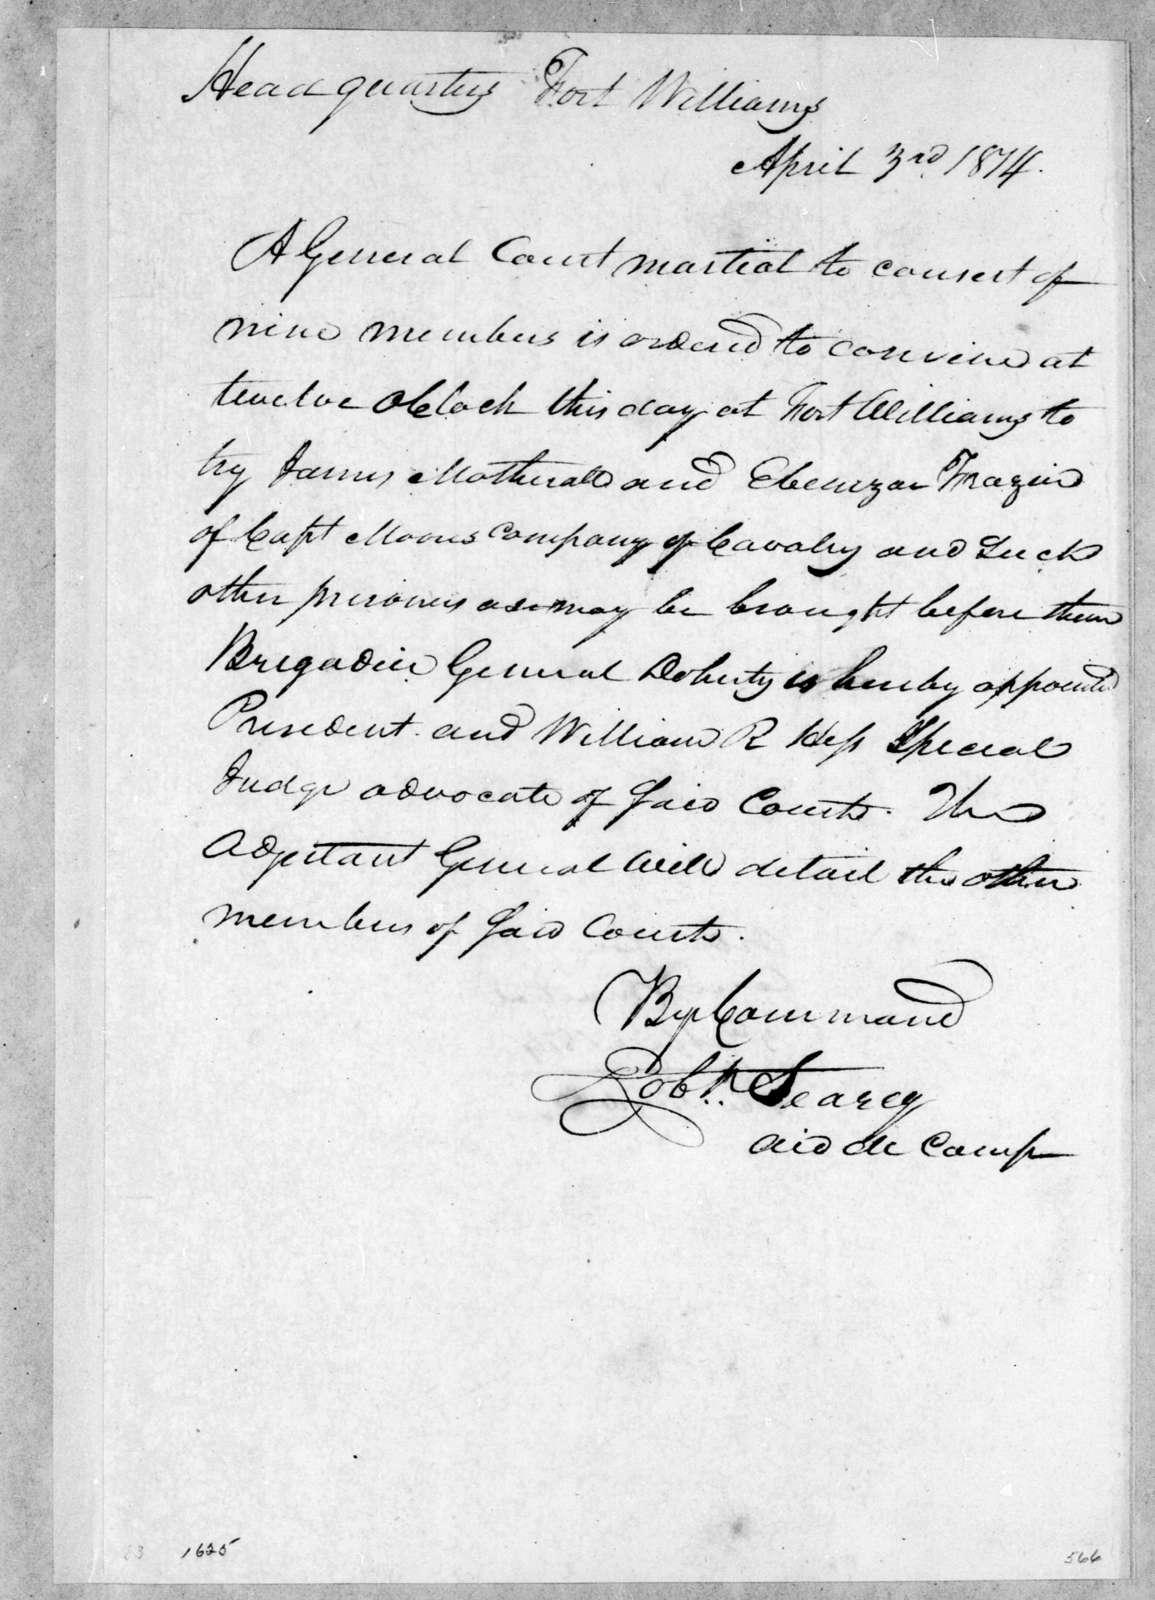 Robert Searcy, April 3, 1814